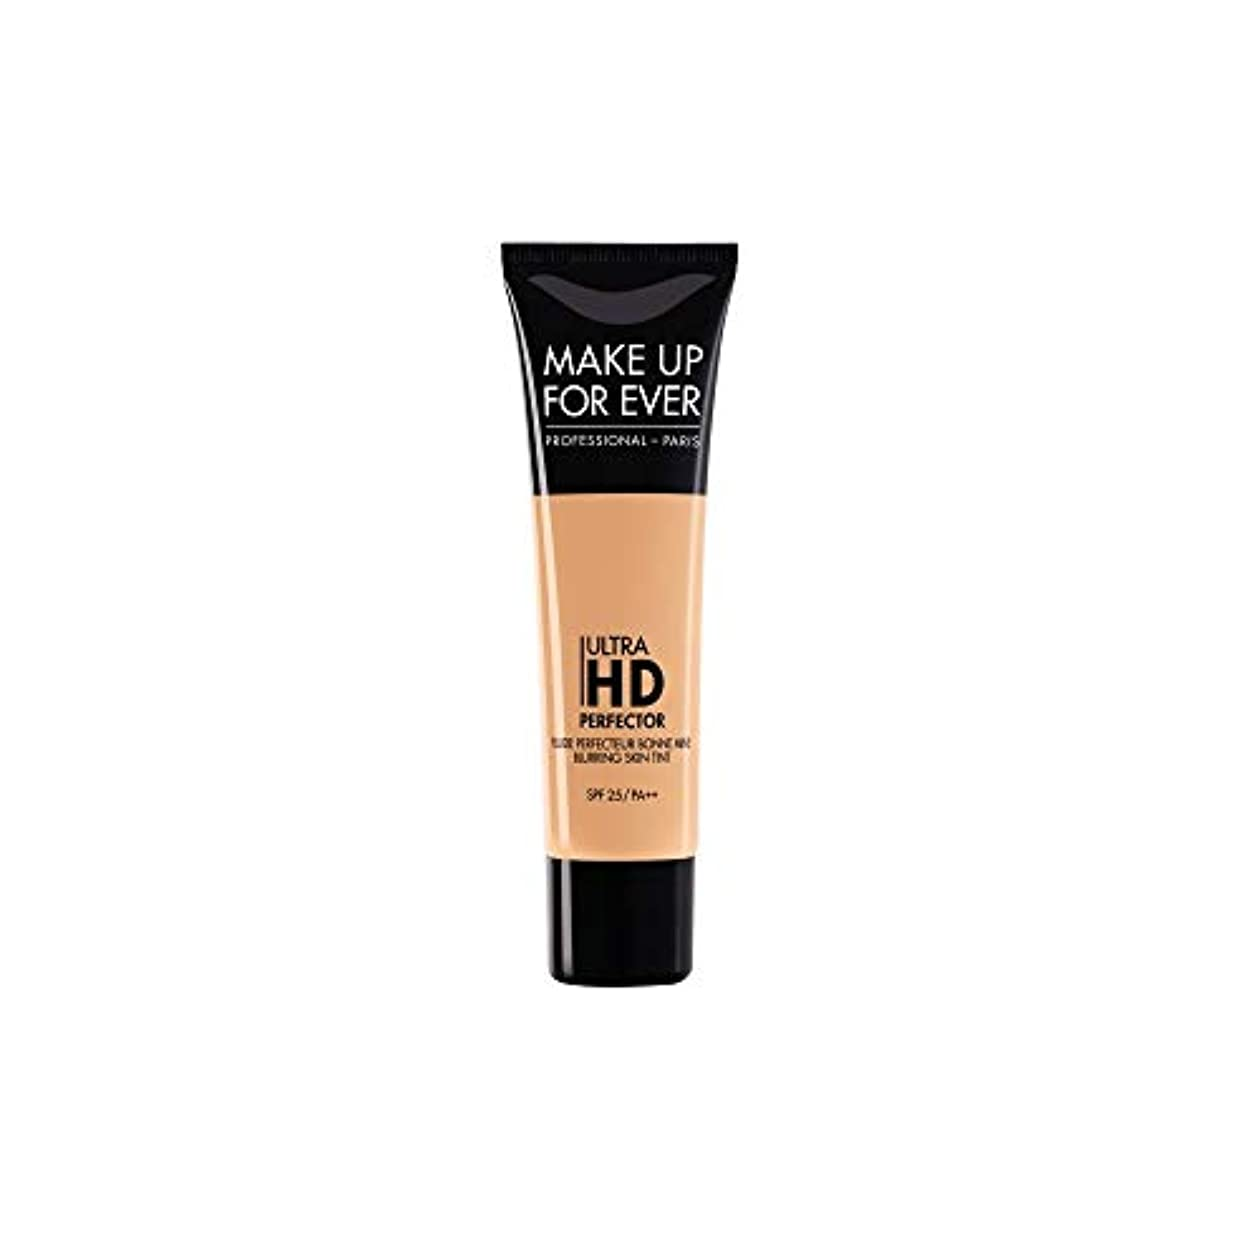 代わりにそうでなければ応援するメイクアップフォーエバー Ultra HD Perfector Blurring Skin Tint SPF25 - # 07 Golden Apricot 30ml/1.01oz並行輸入品